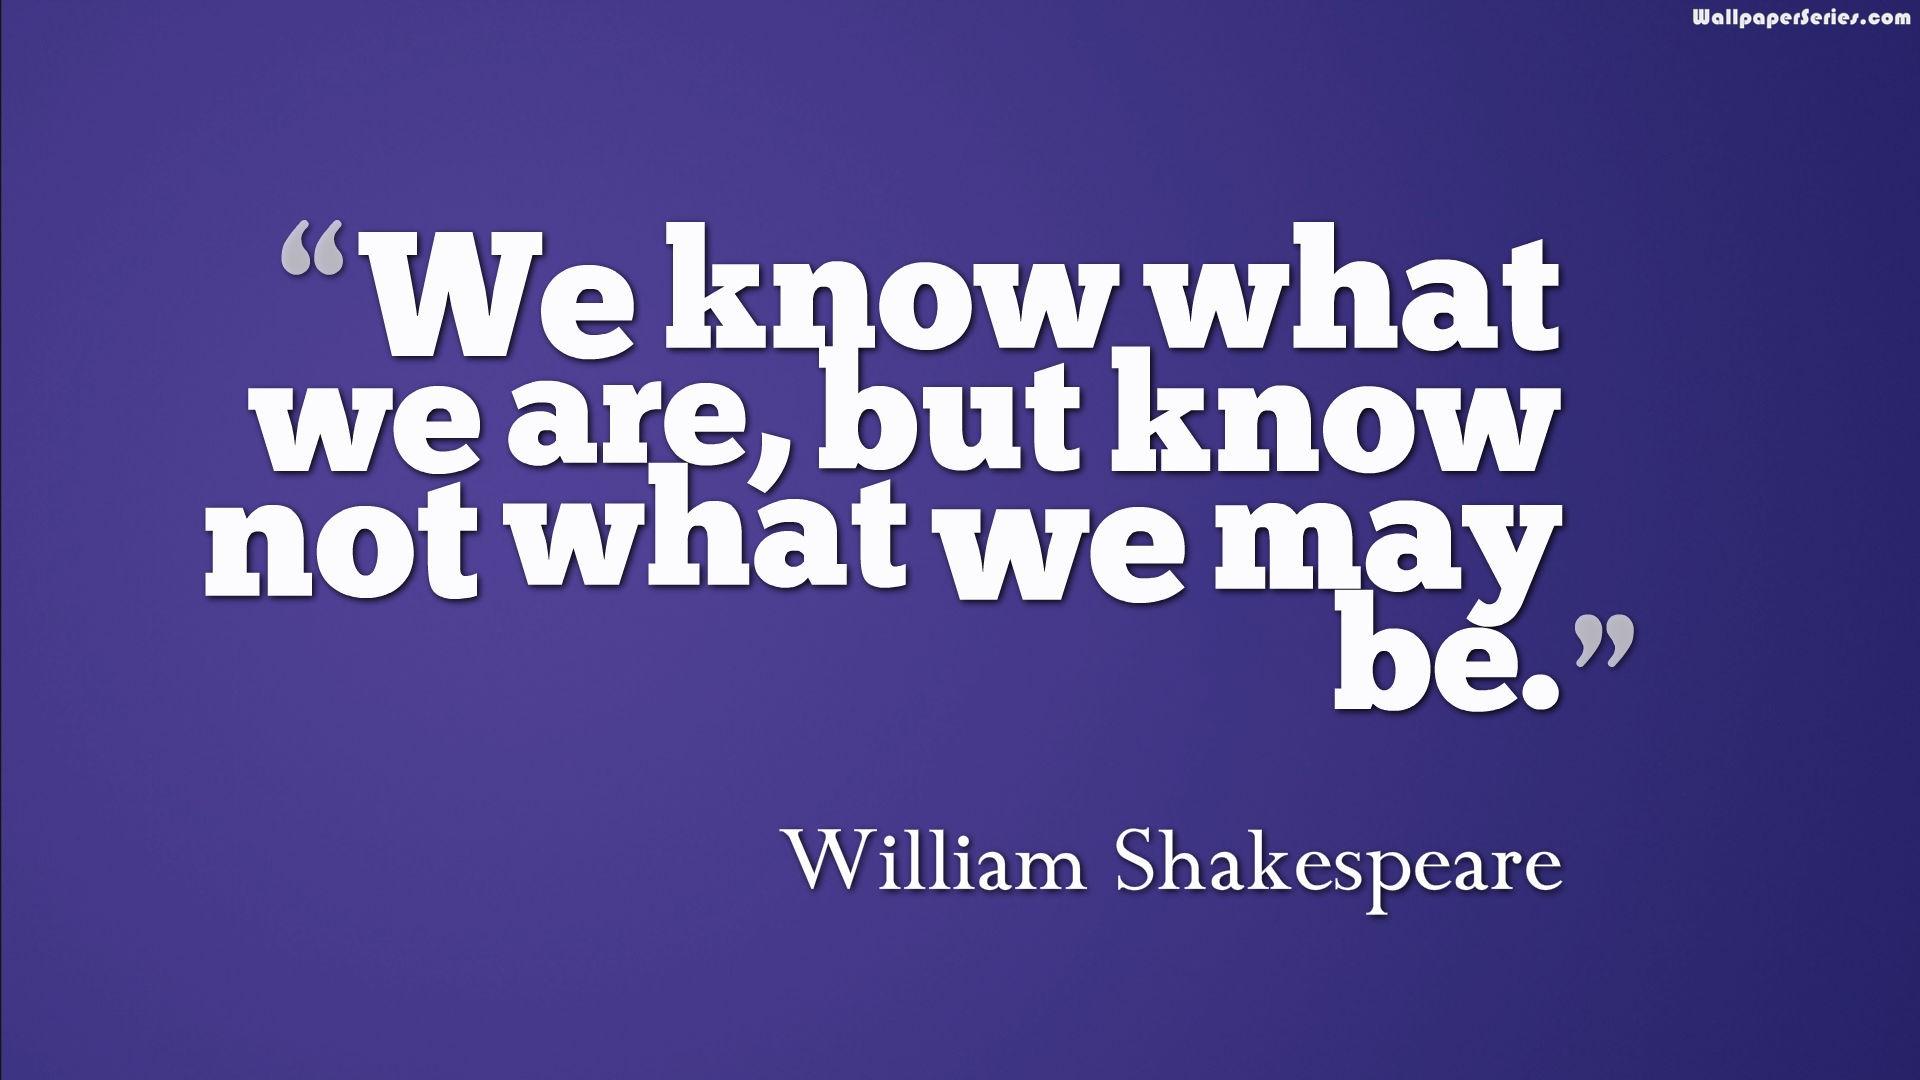 William Shakespeare Quotes Wallpaper Quotesgram